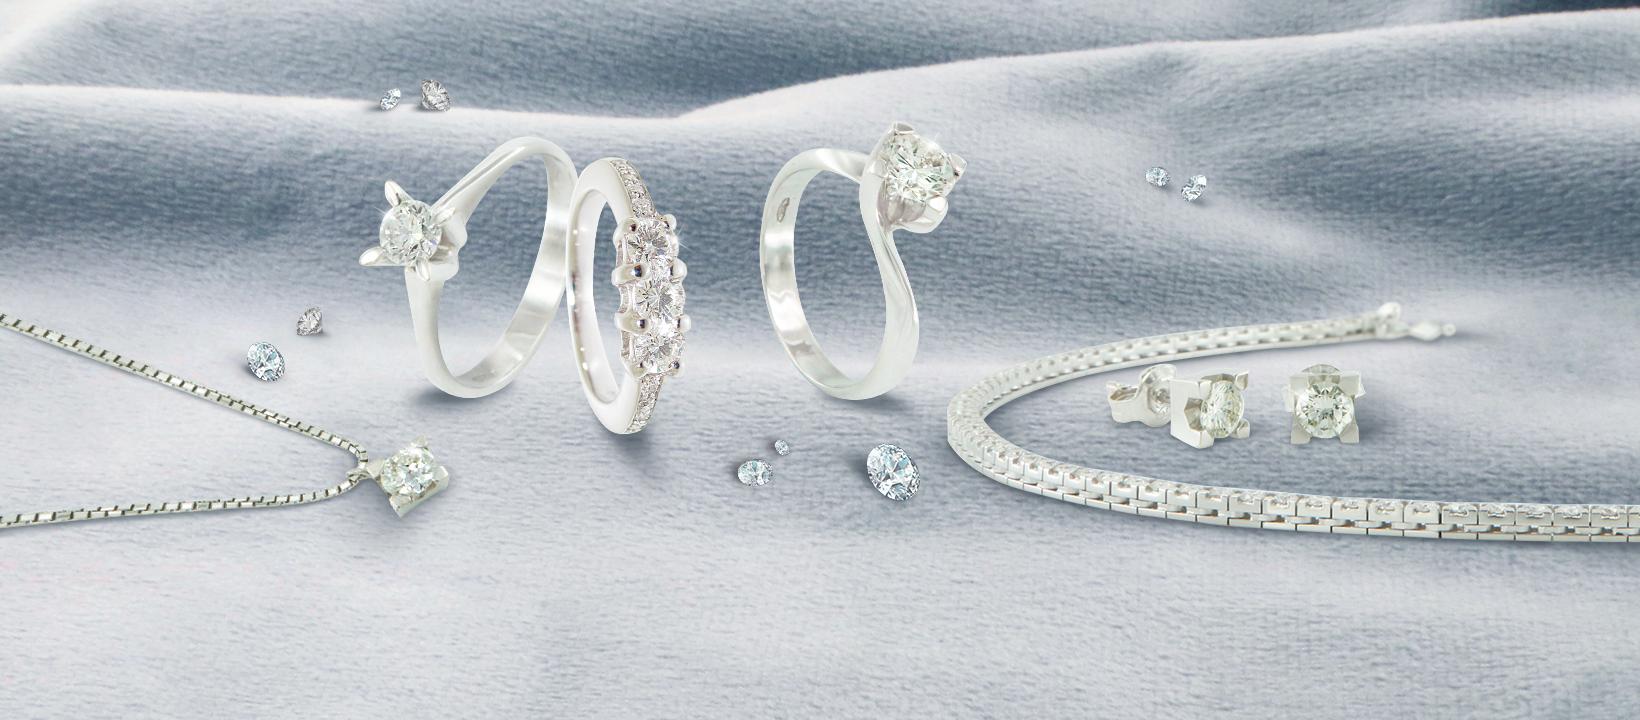 immagine copertina gioielli con diamanti